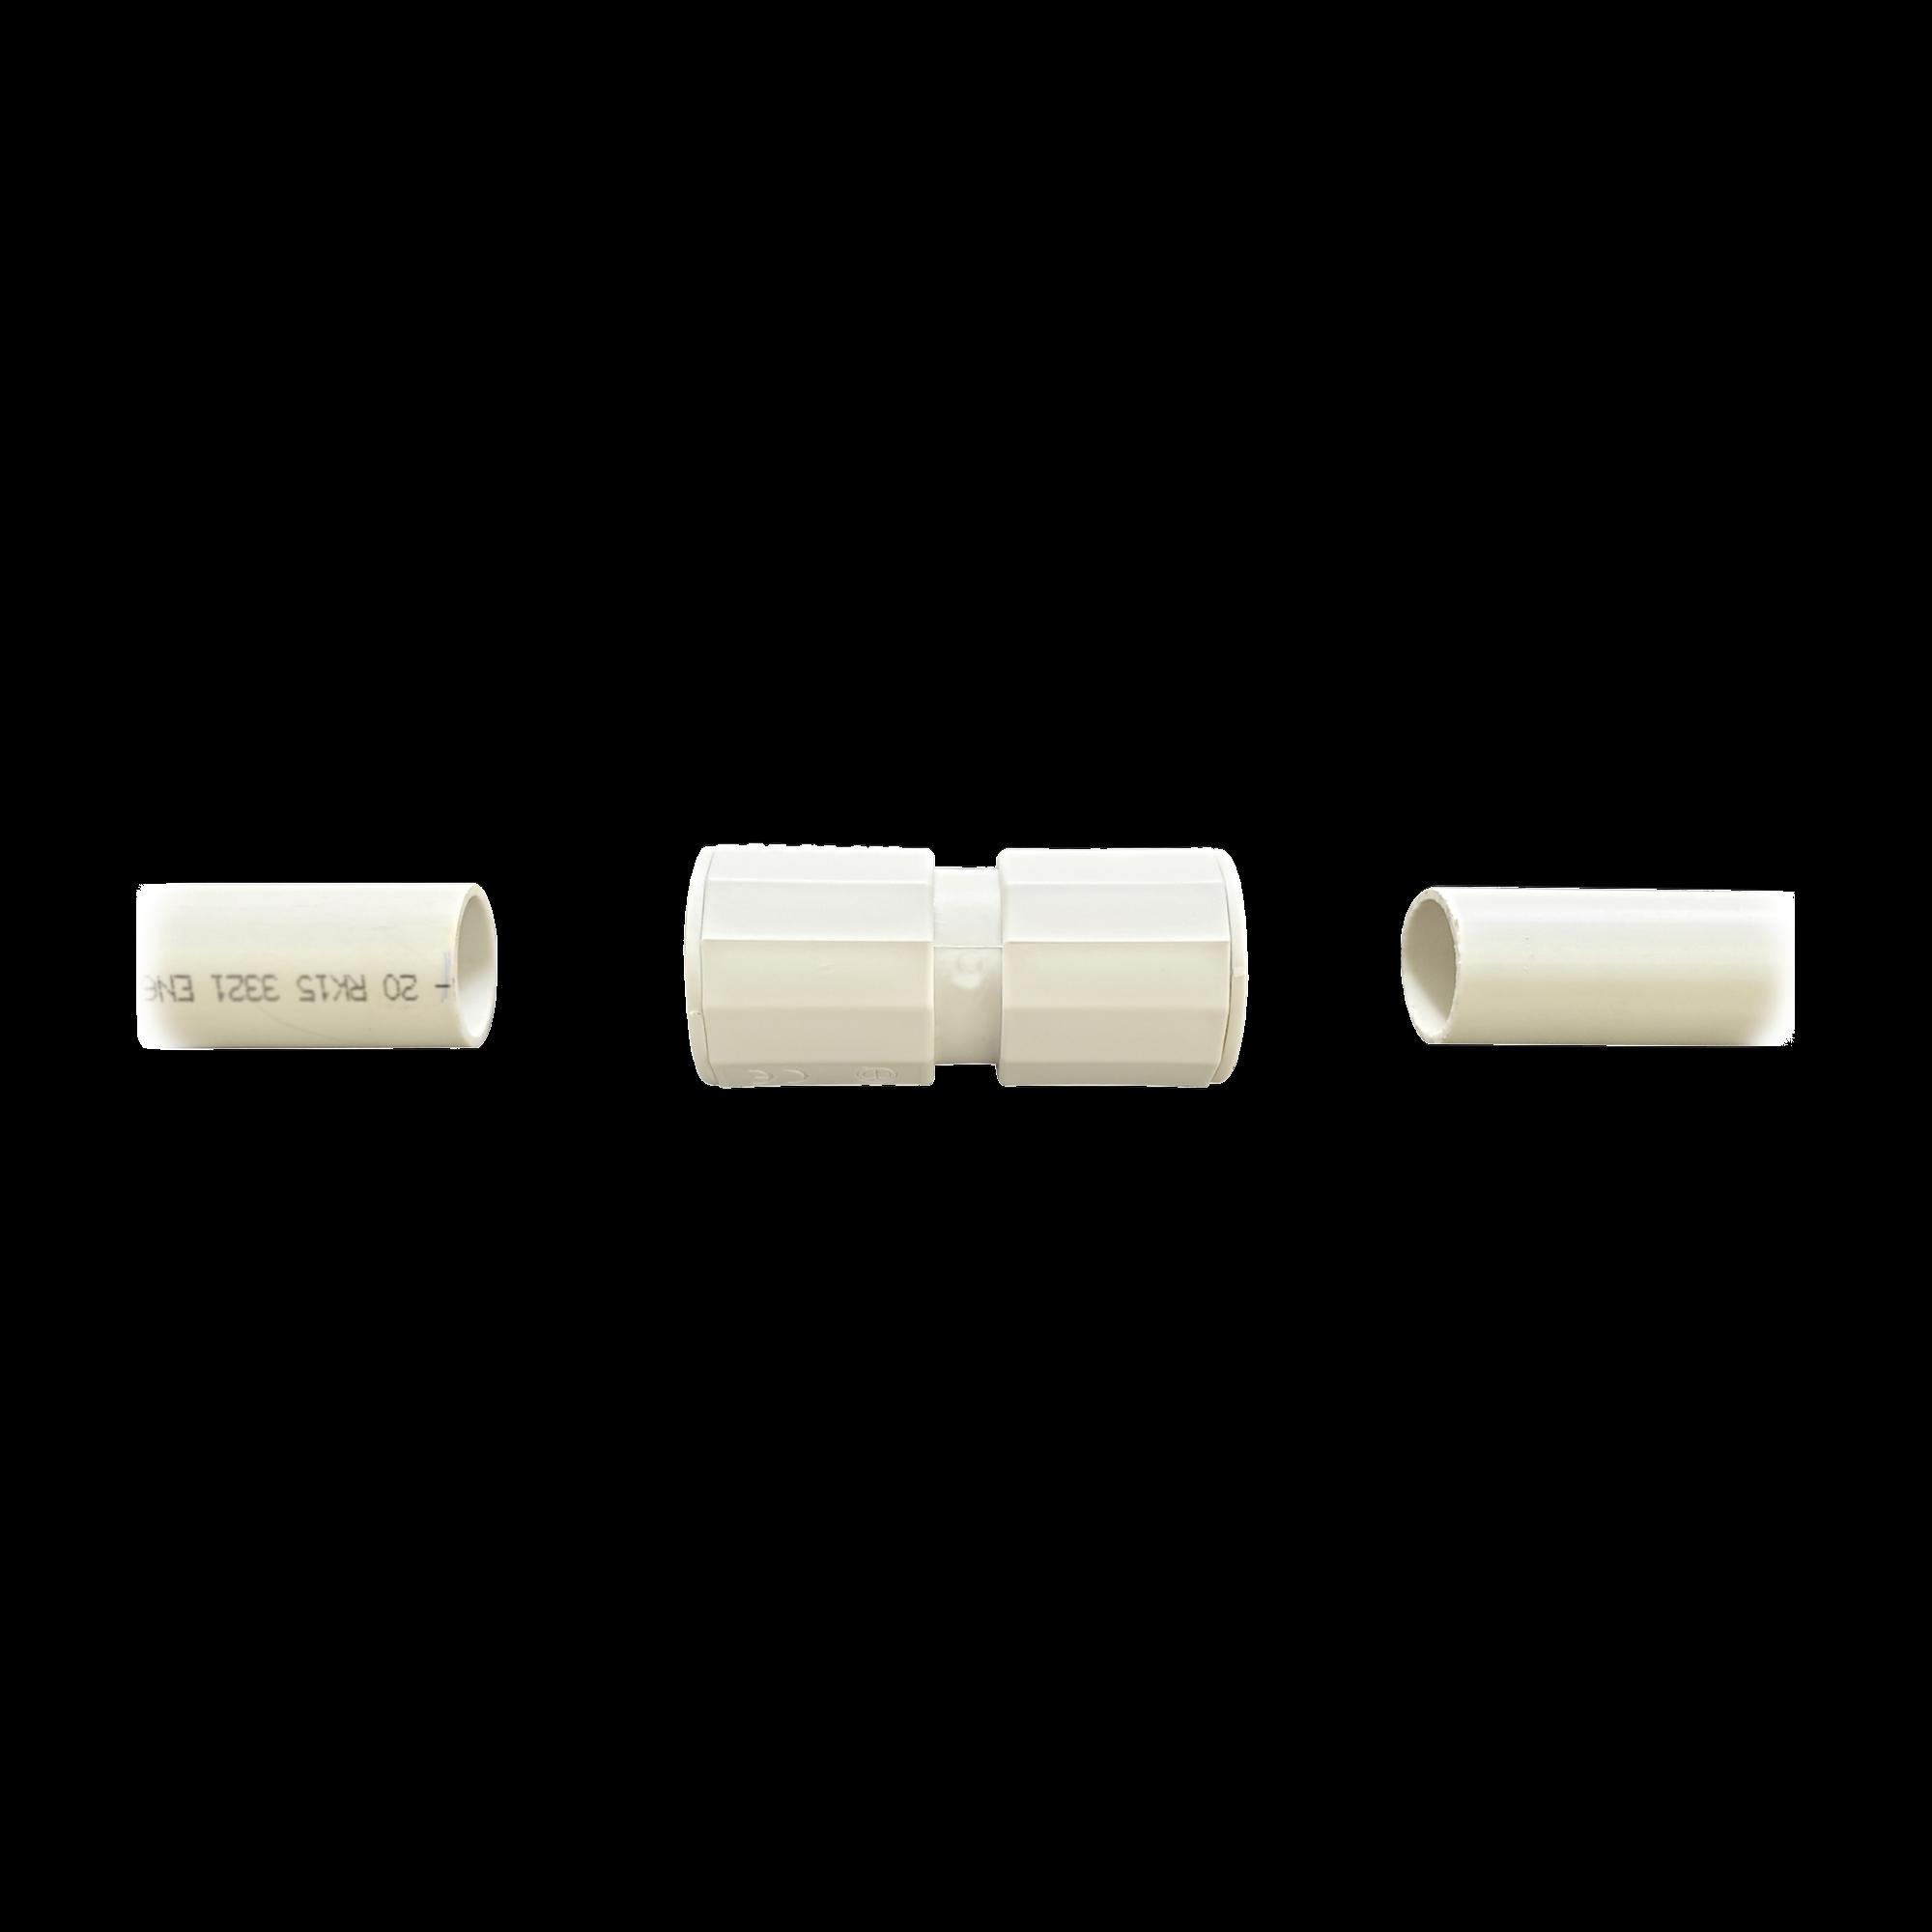 Manguito / Cople Morbidx IP67 libre de halógenos para unir tubería rígida de 50 mm (2) permite una instalación hermética no necesita pegamento